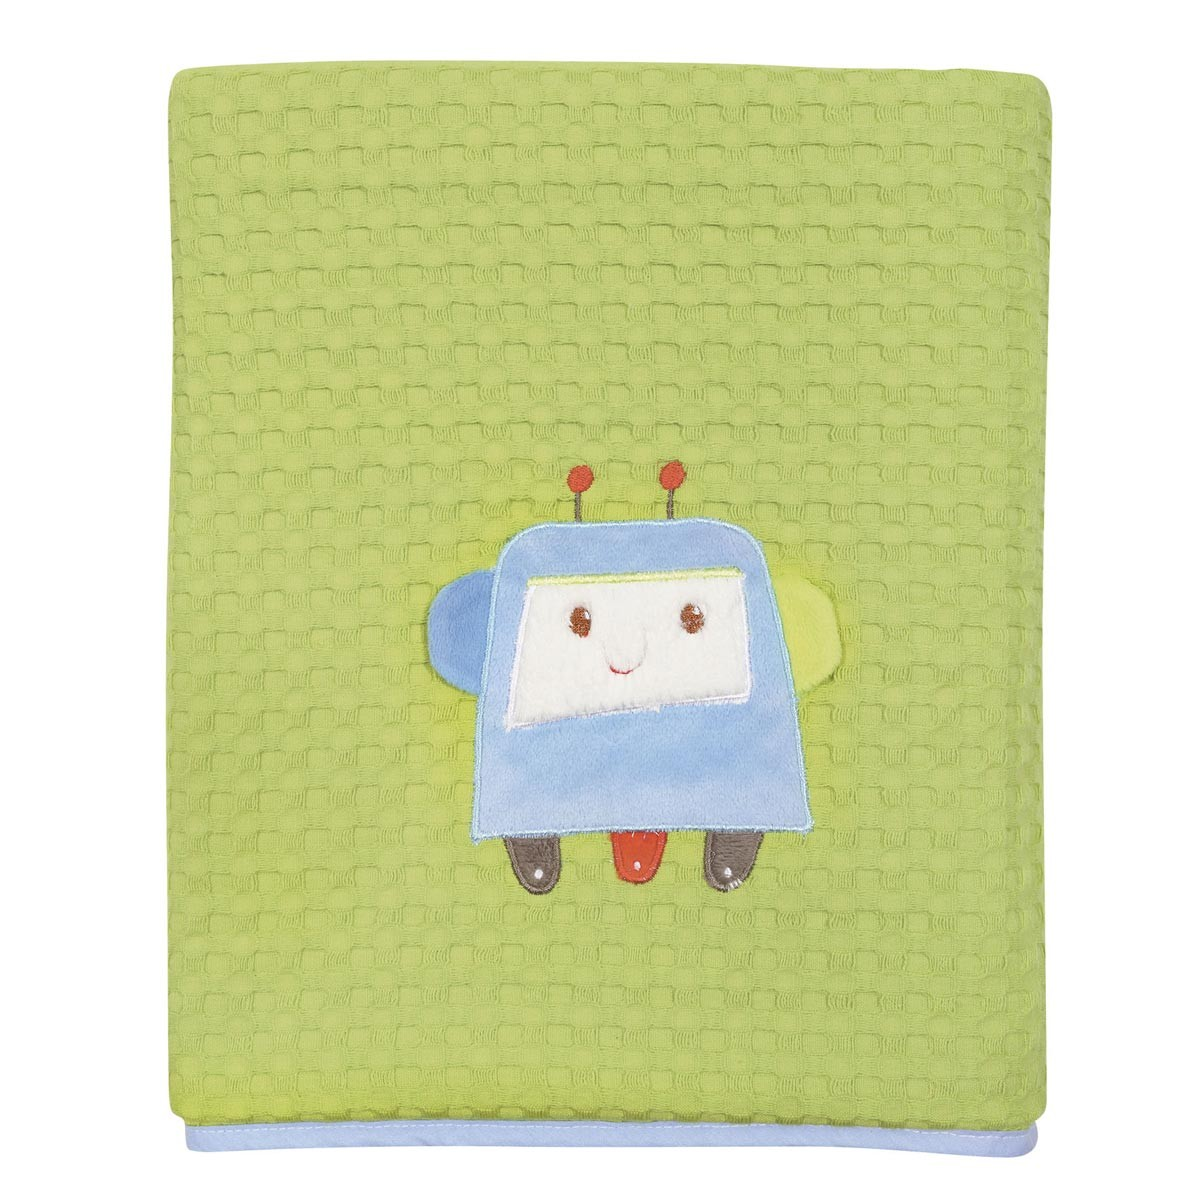 Κουβέρτα Πικέ Αγκαλιάς Das Home Dream Embroidery 6397 home   βρεφικά   κουβέρτες βρεφικές   κουβέρτες καλοκαιρινές